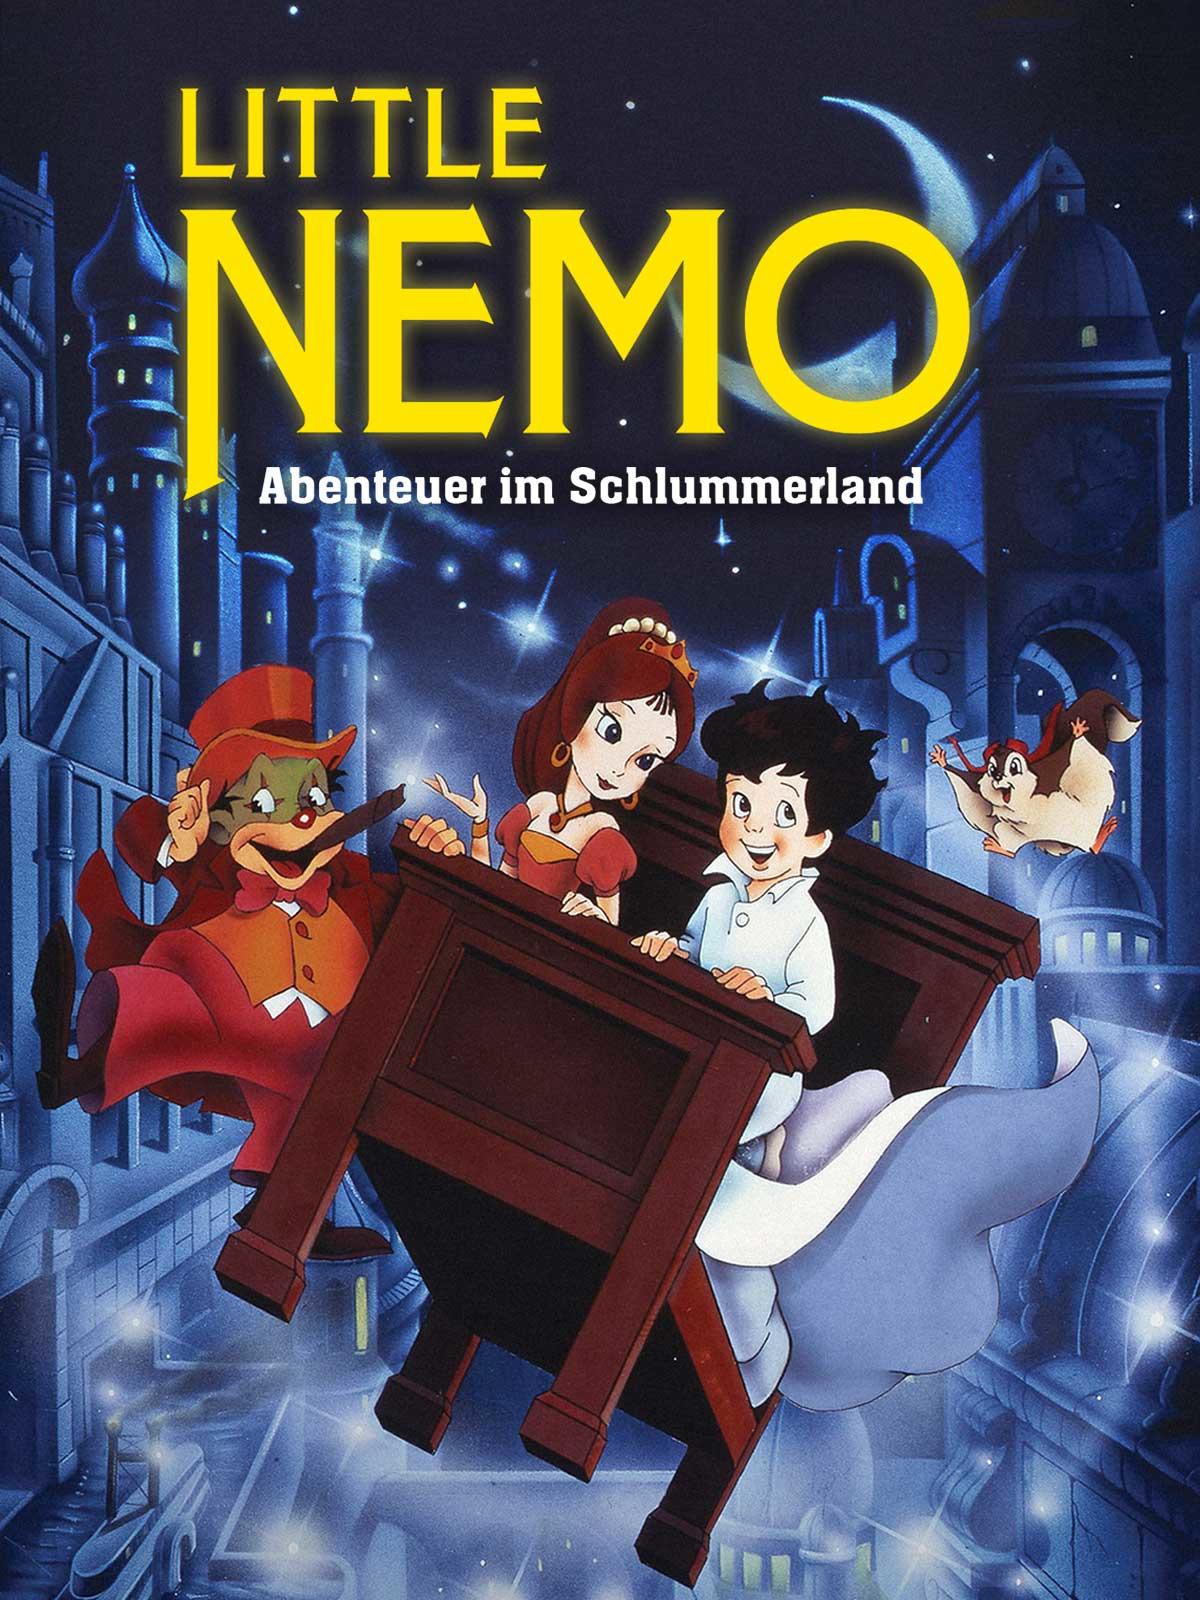 Little Nemo - Abenteuer im Schlummerland